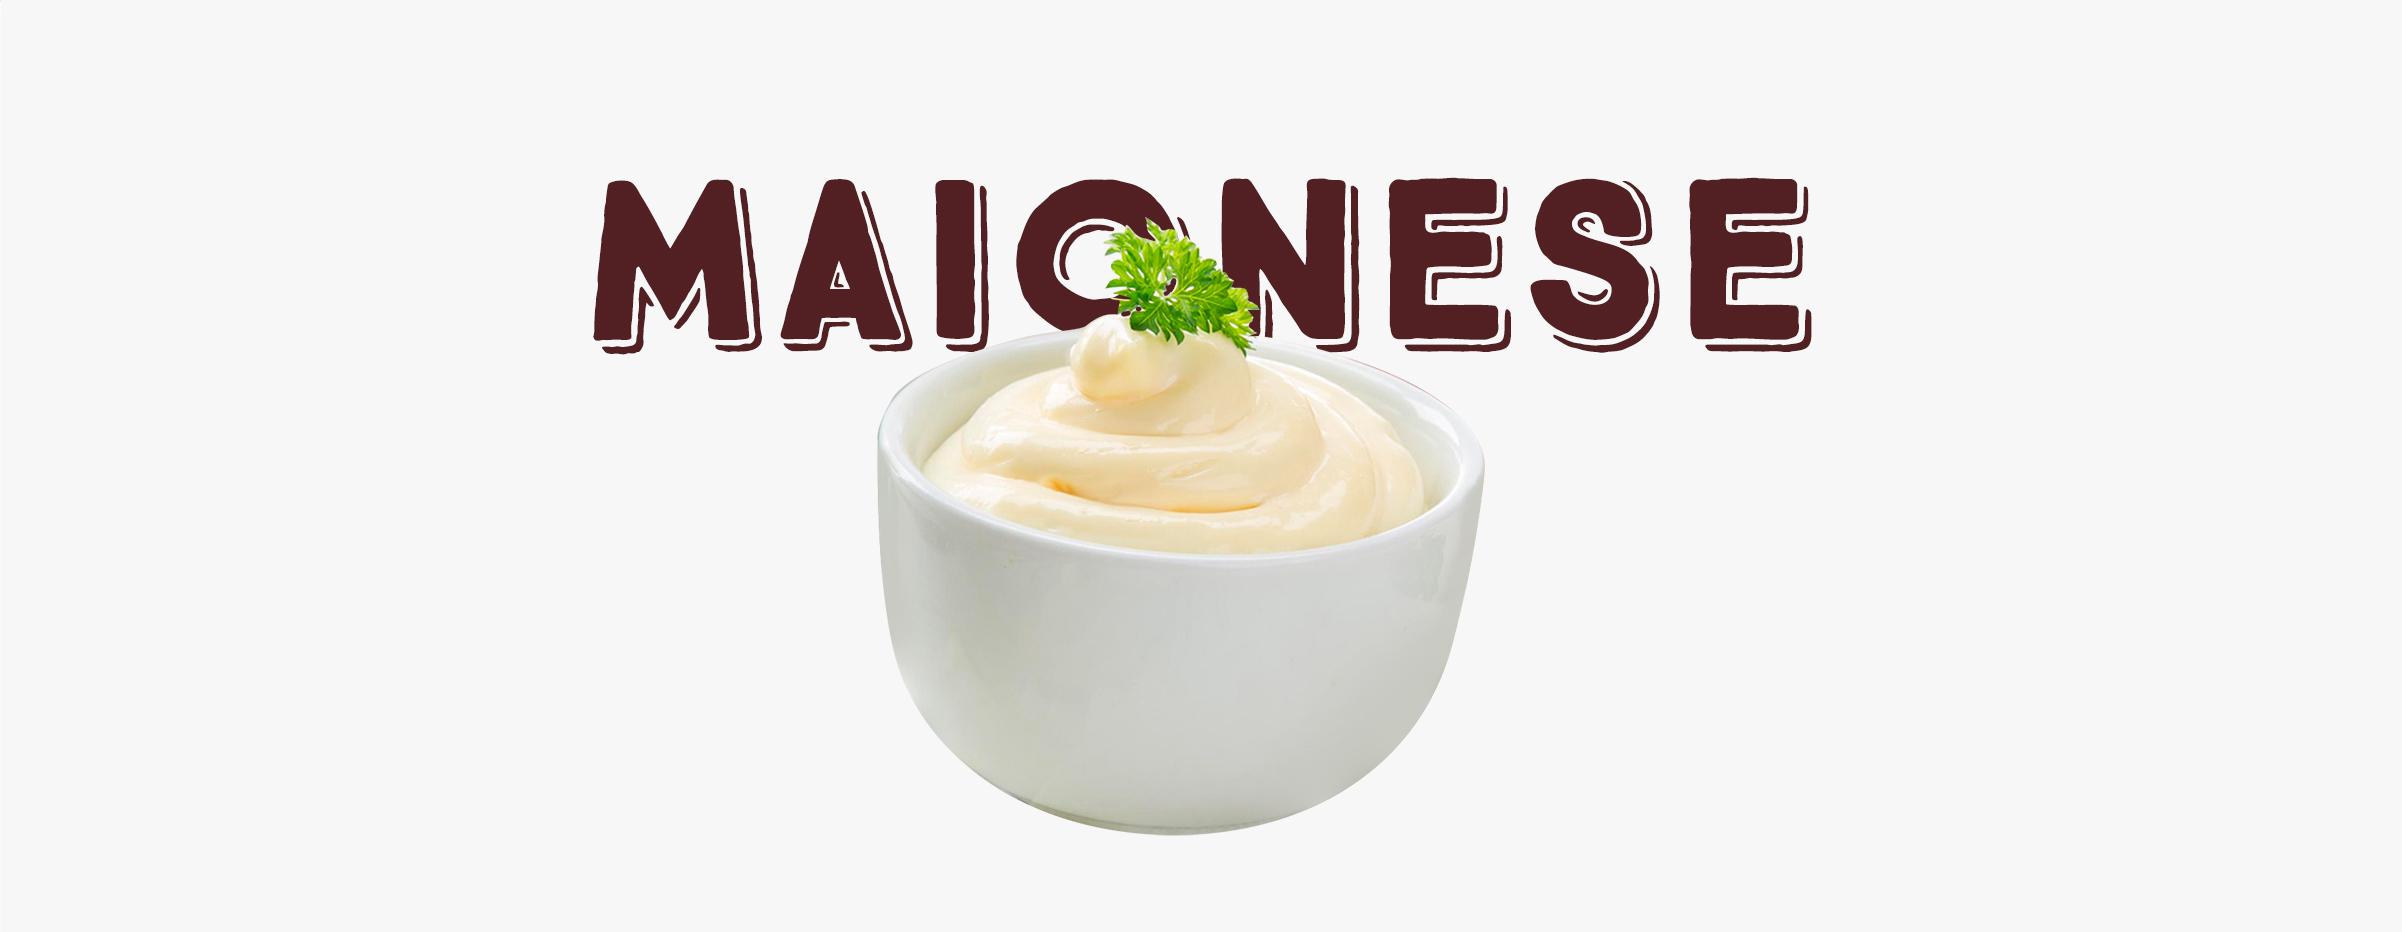 Maionese